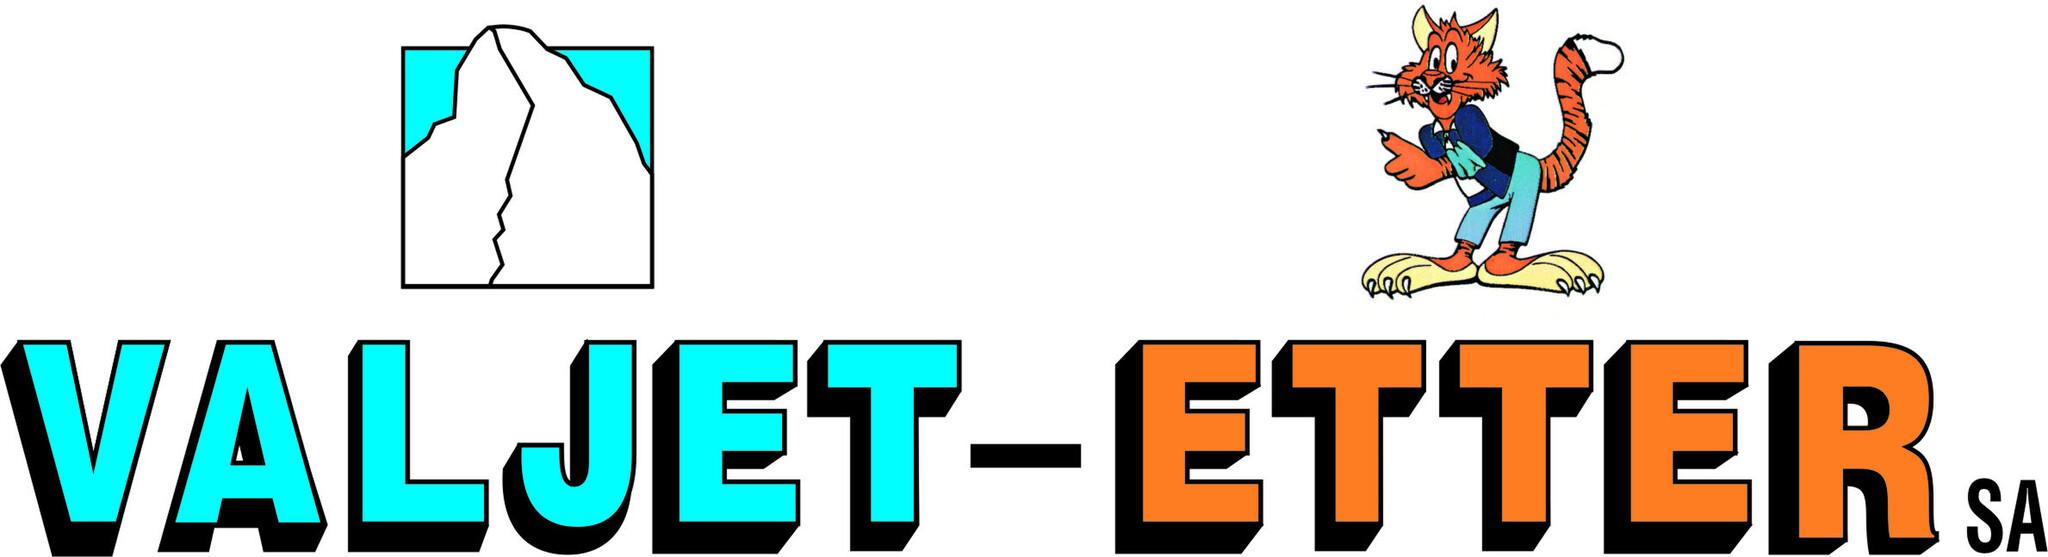 Création de la société Valjet-Etter pour l'exécution des travaux d'hydrodémolition en Valais